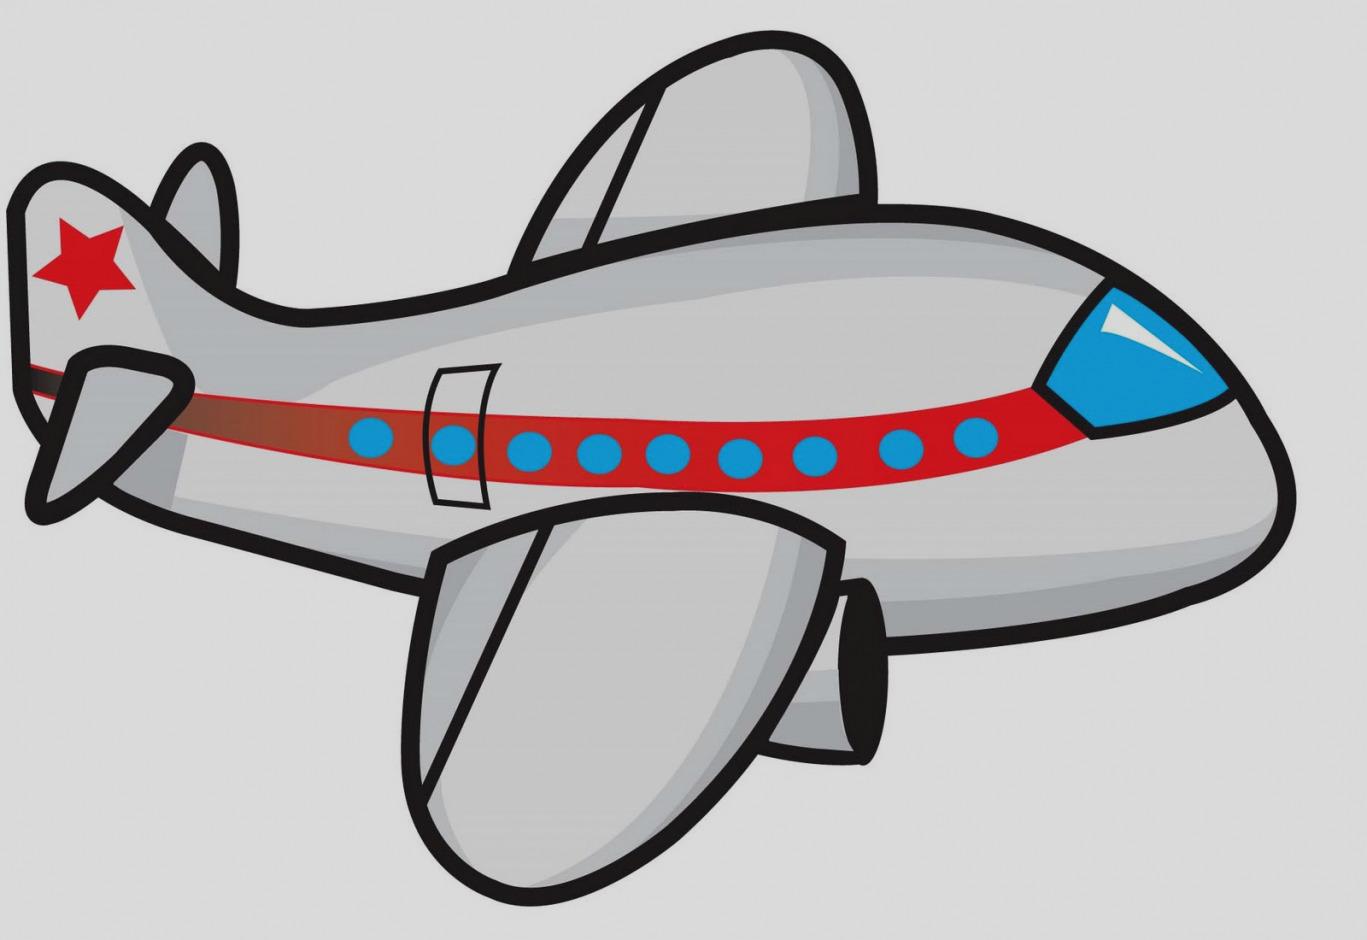 1367x940 Cartoon Airplane Clipart Free